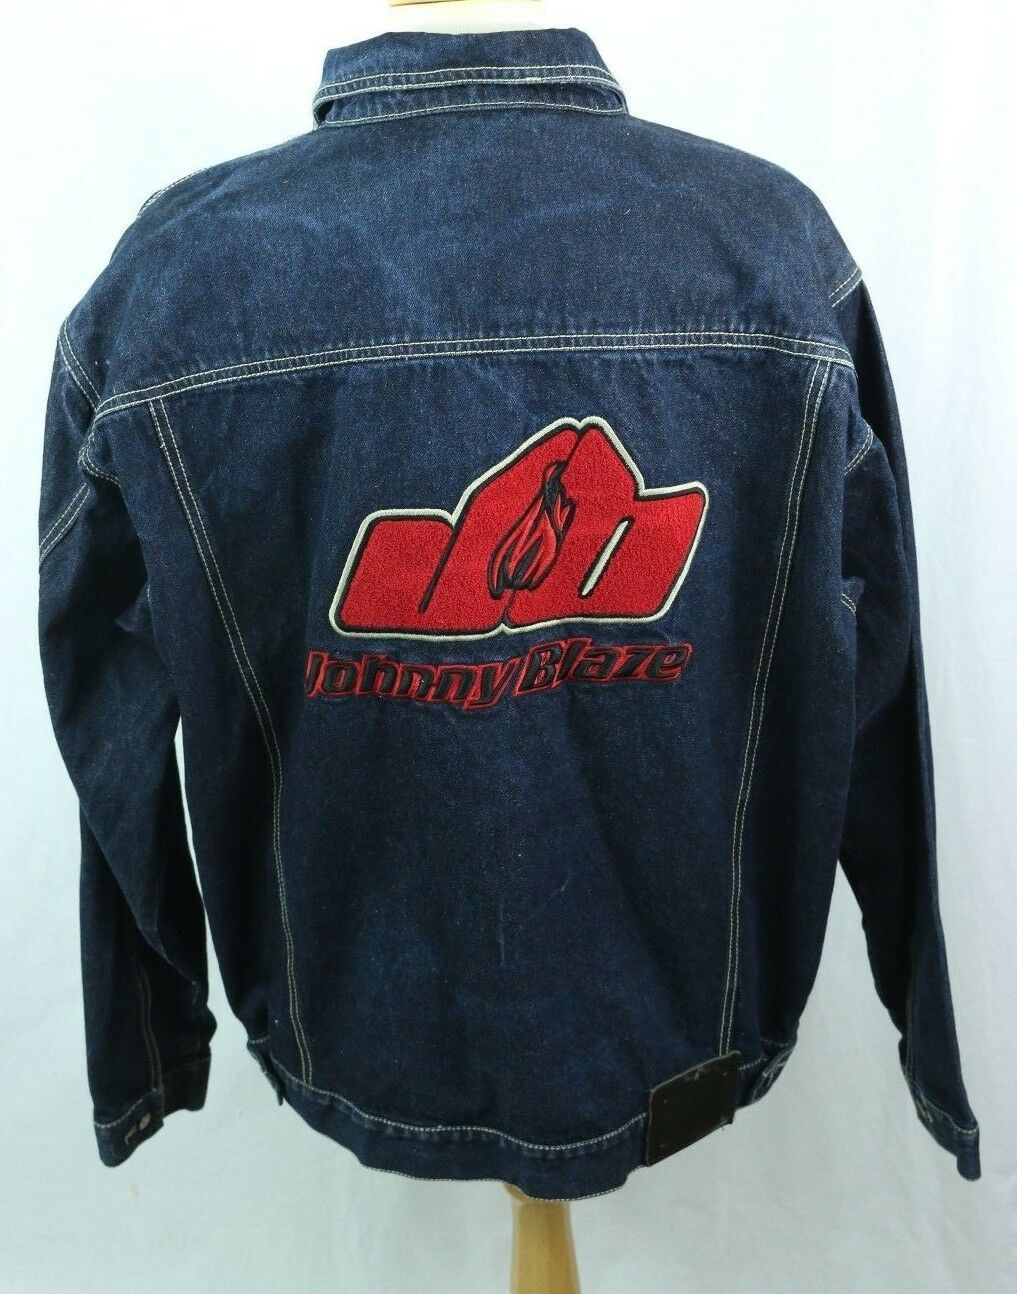 Johnny Blaze Denim Veste en jean homme XL Heavy broder flamme vintage ruewear